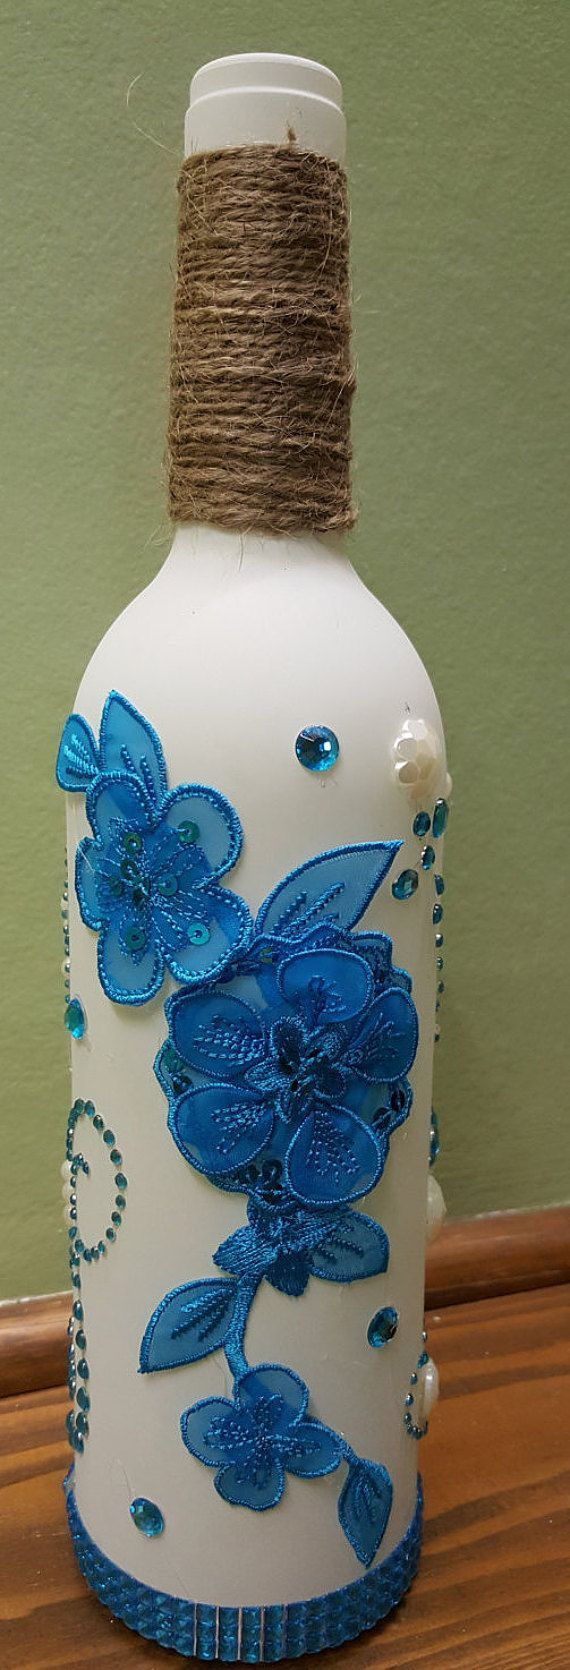 Botella blanco decorado con adornos azules y blancos Un elemento de gran regalo Aproximadamente 3 pulgadas de ancho por 12 pulgadas de alto #decoratedwinebottles